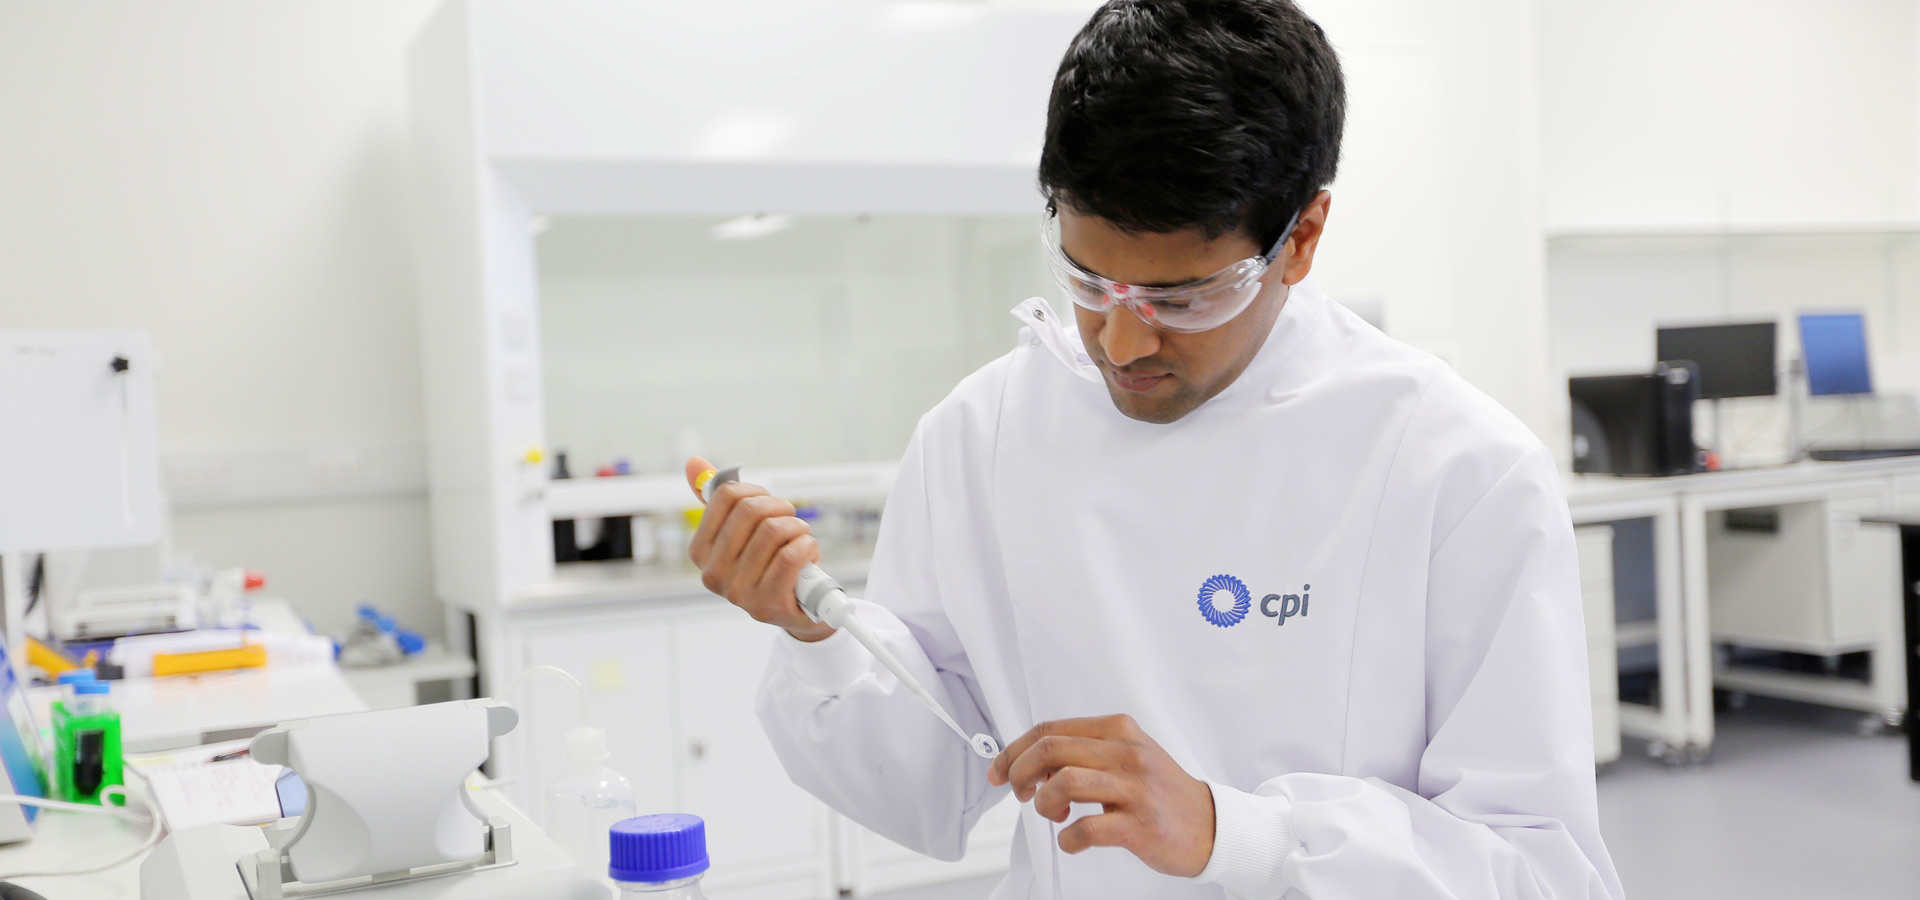 CPI Biologics